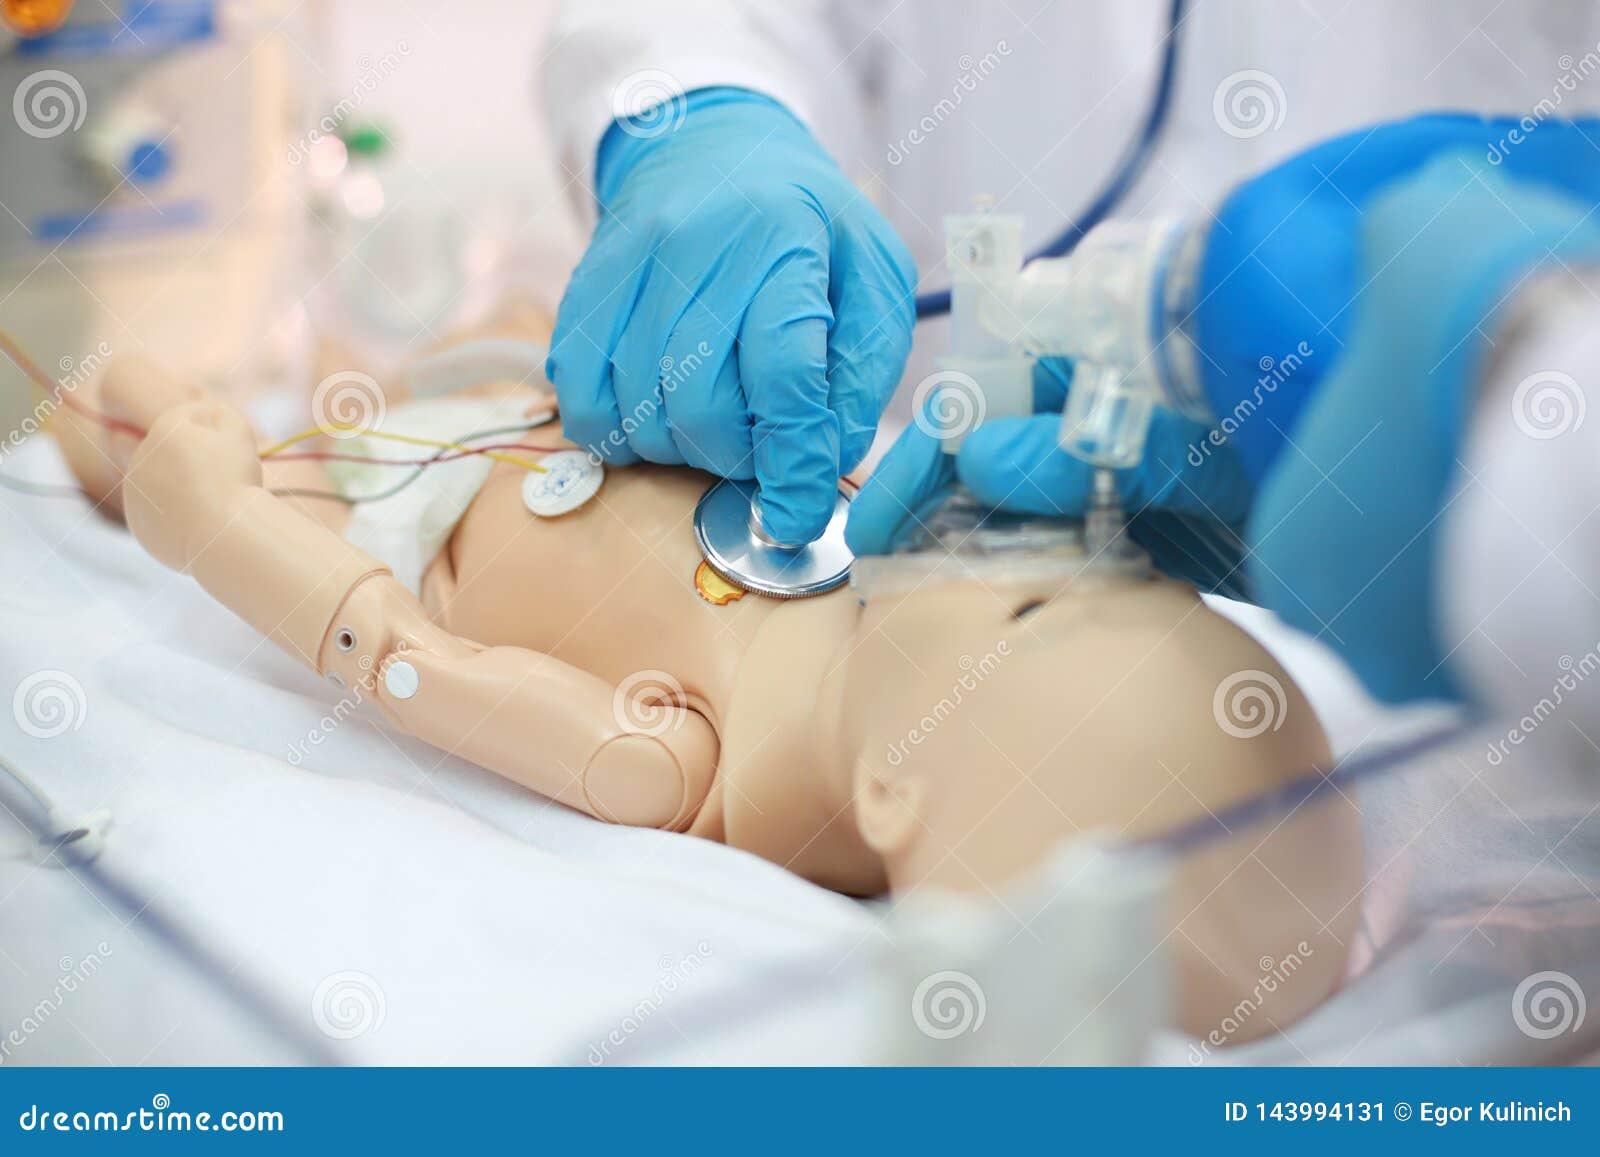 Neugeborene Wiederbelebung Endotracheal Intubation Übende medizinische Fähigkeiten auf einer medizinischen Attrappe Medizinische